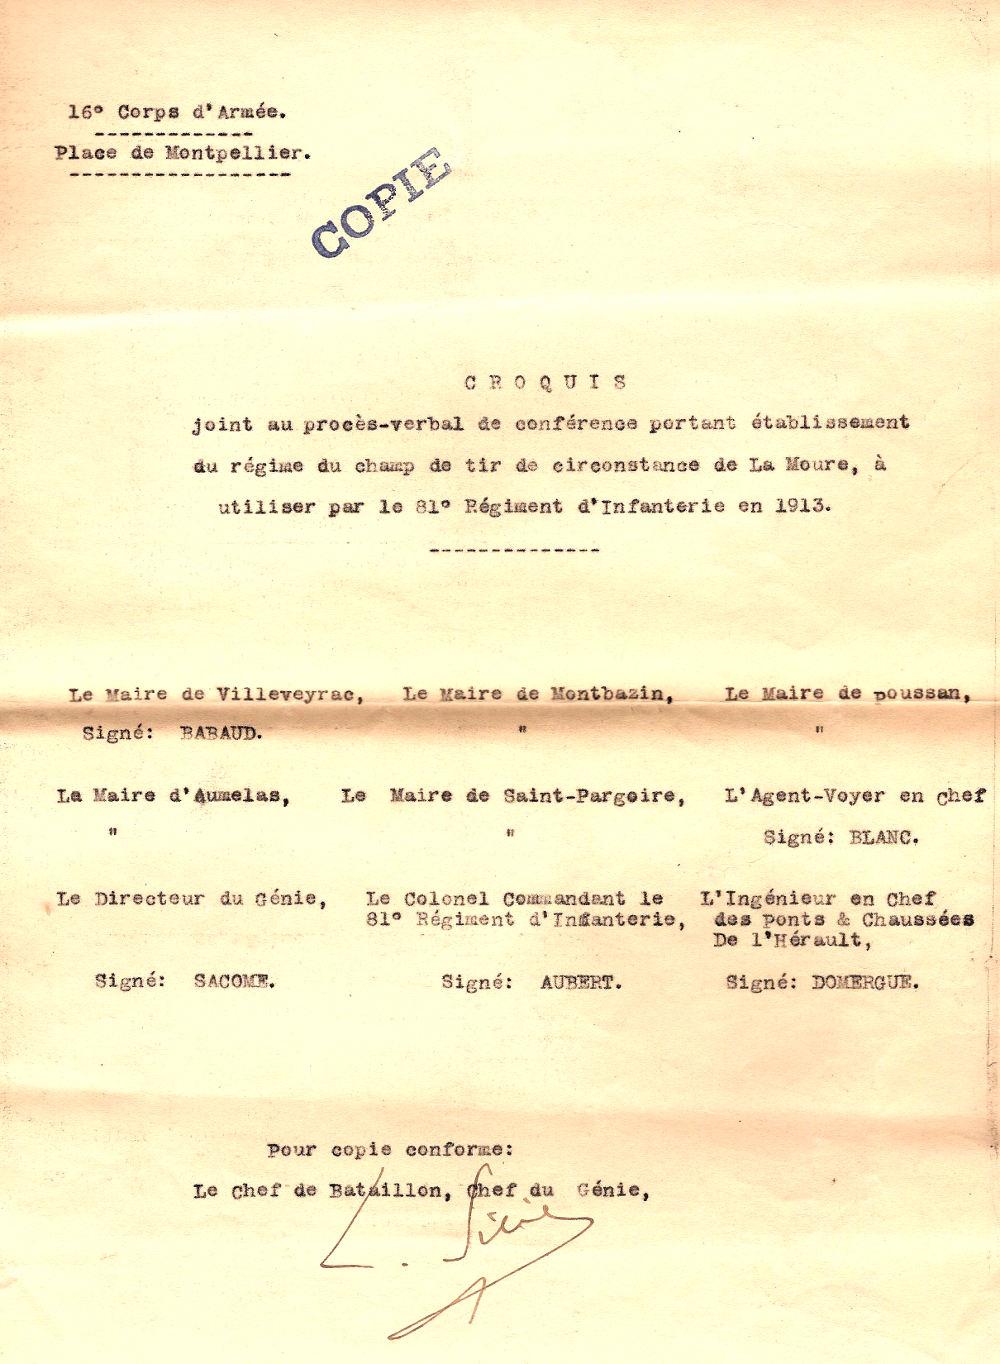 PV de la conférence établissant le champ de tir de 1913